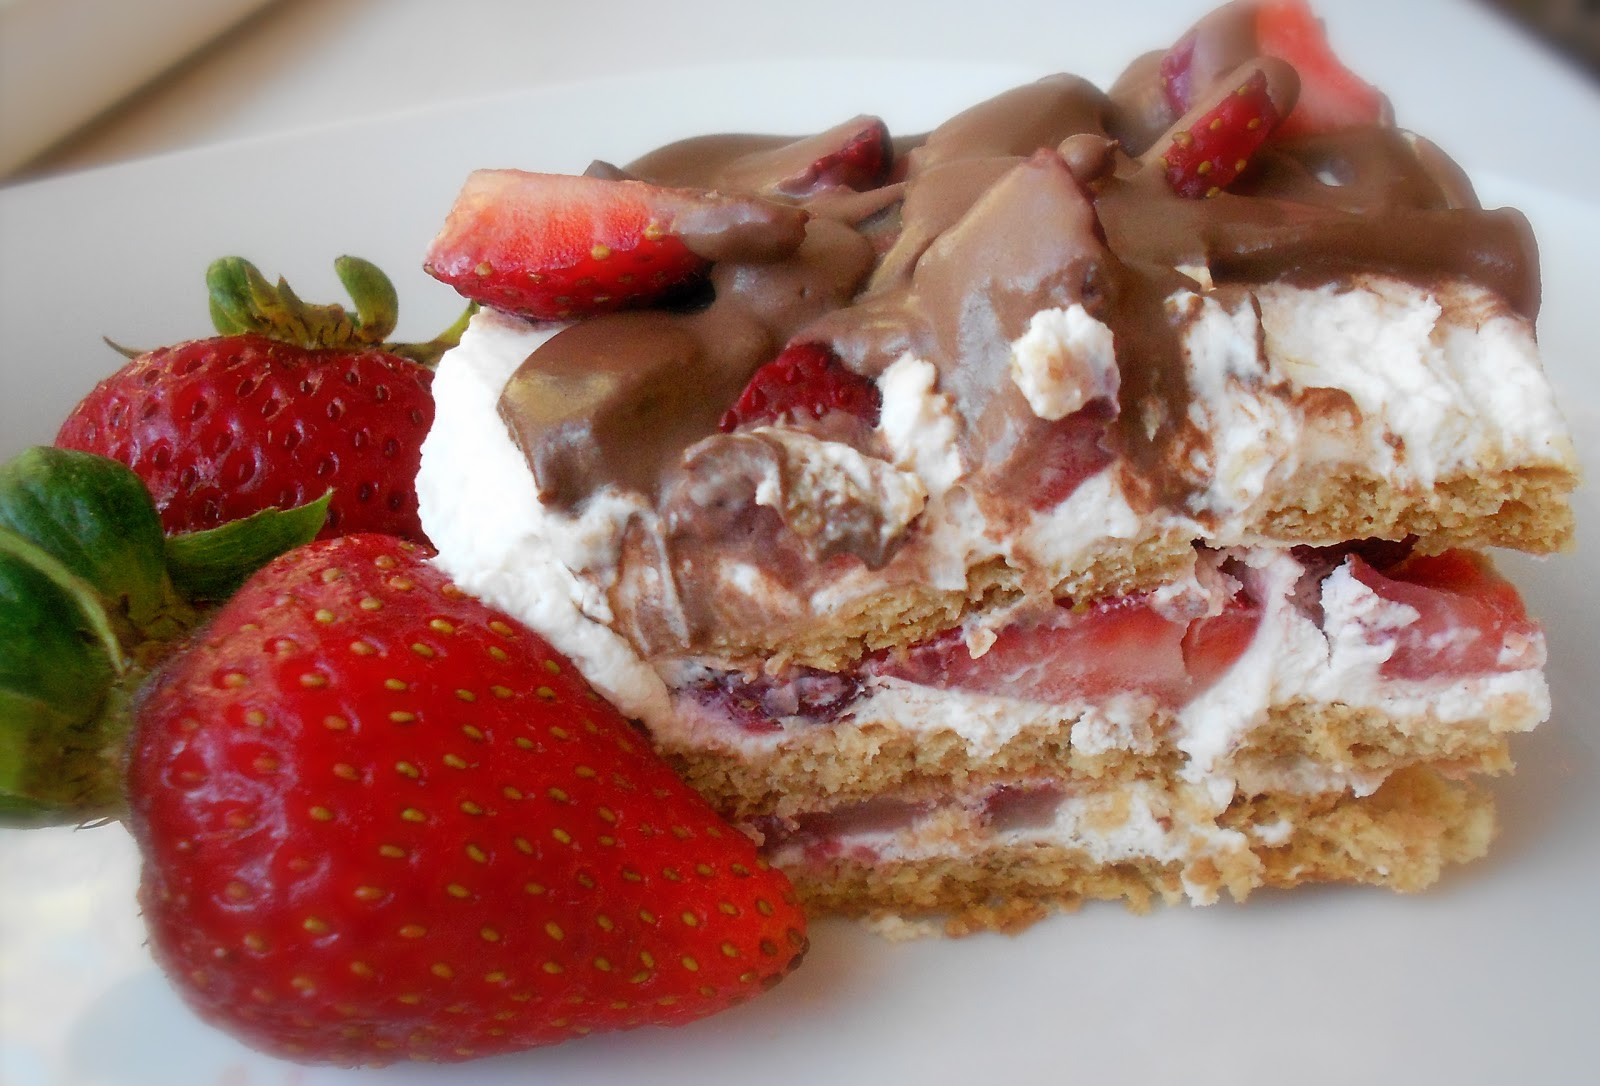 No Bake Strawberry Dessert  No Bake Strawberry Ice Box Cake Six Sisters Stuff